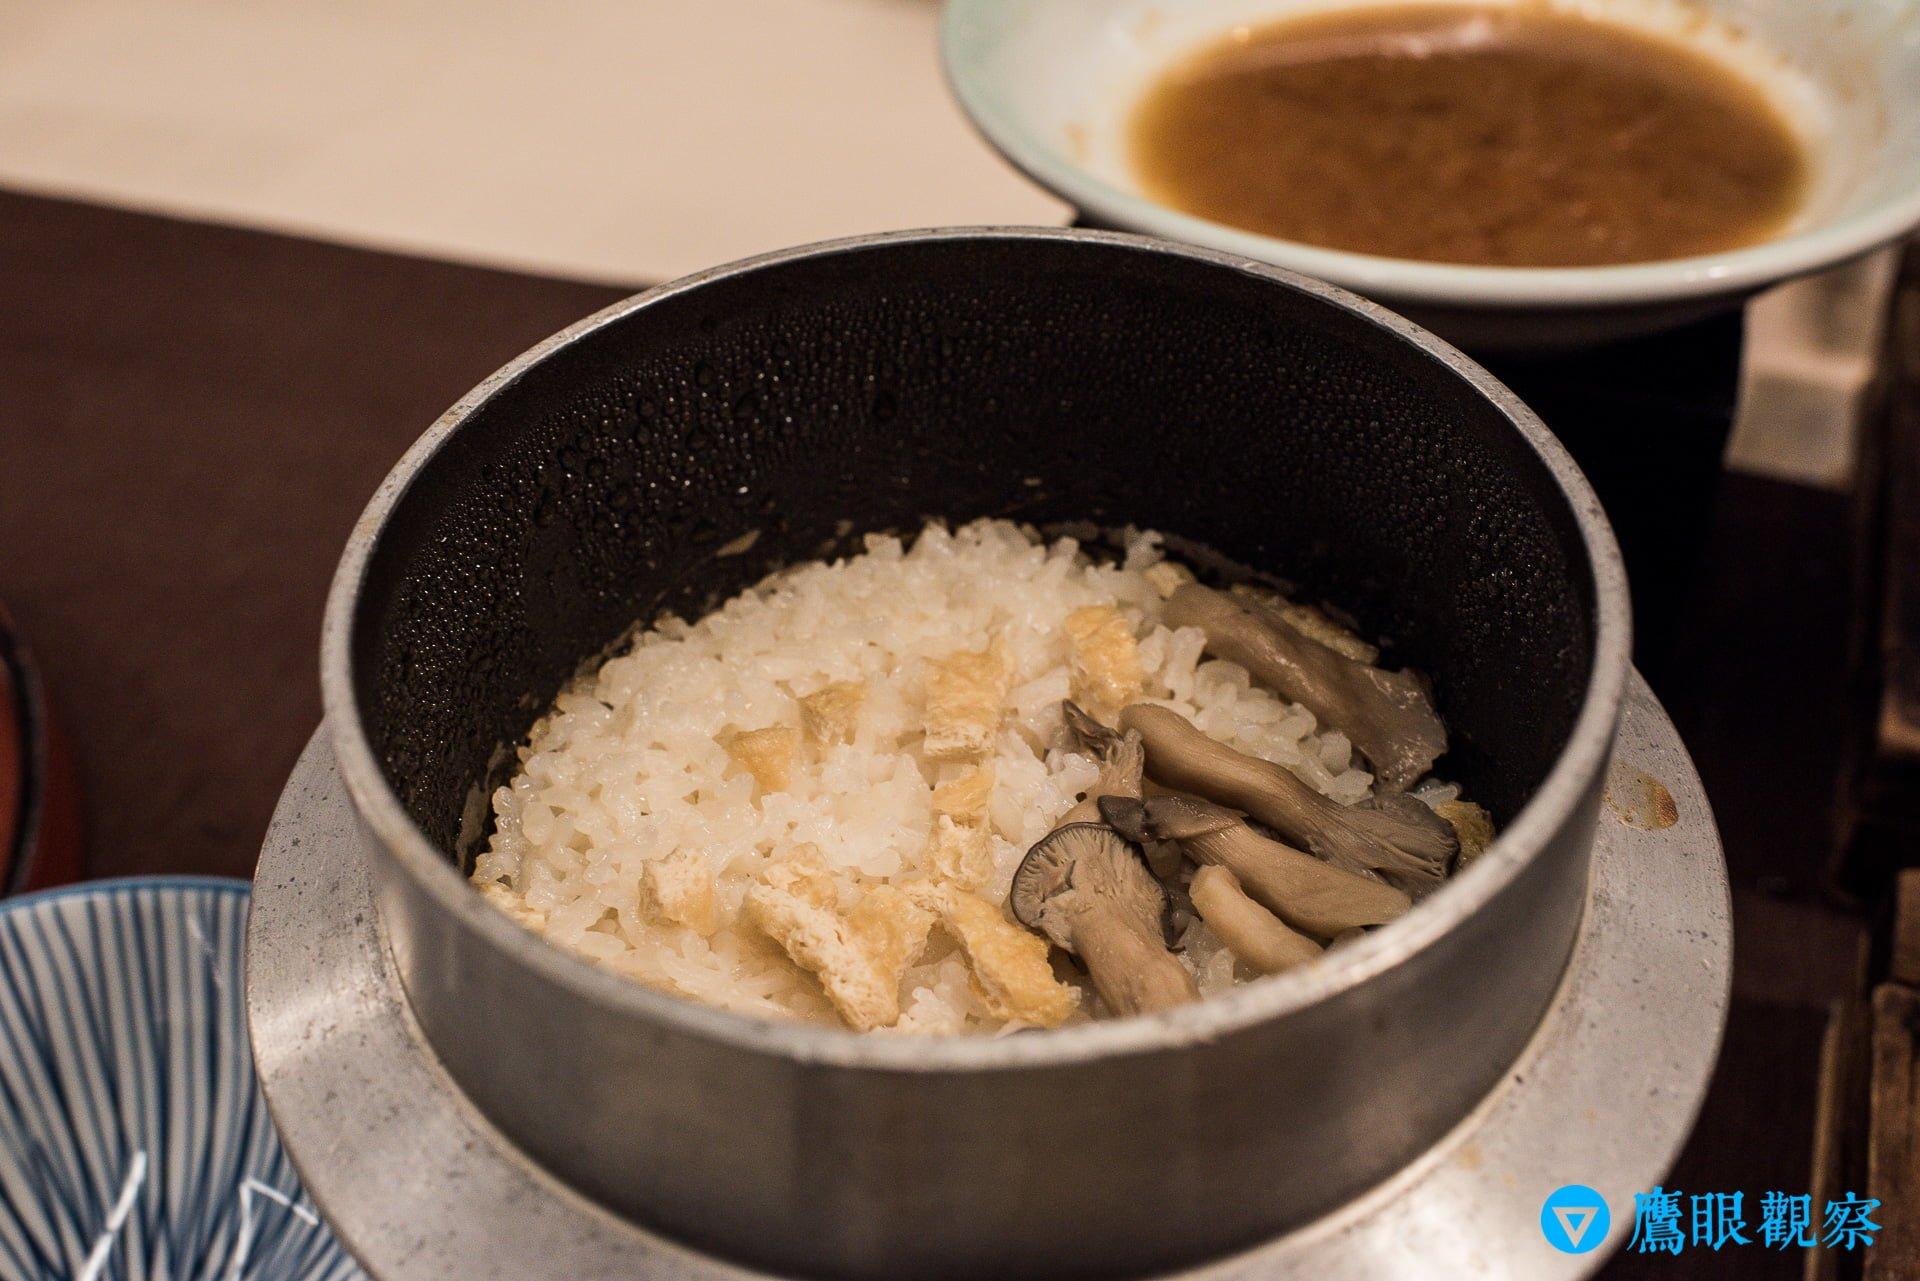 travel Japan gunma kishigon ryokan hotel in izumo spa hot spring 22 群馬縣伊香保溫泉「岸權旅館」日本旅館住宿推薦